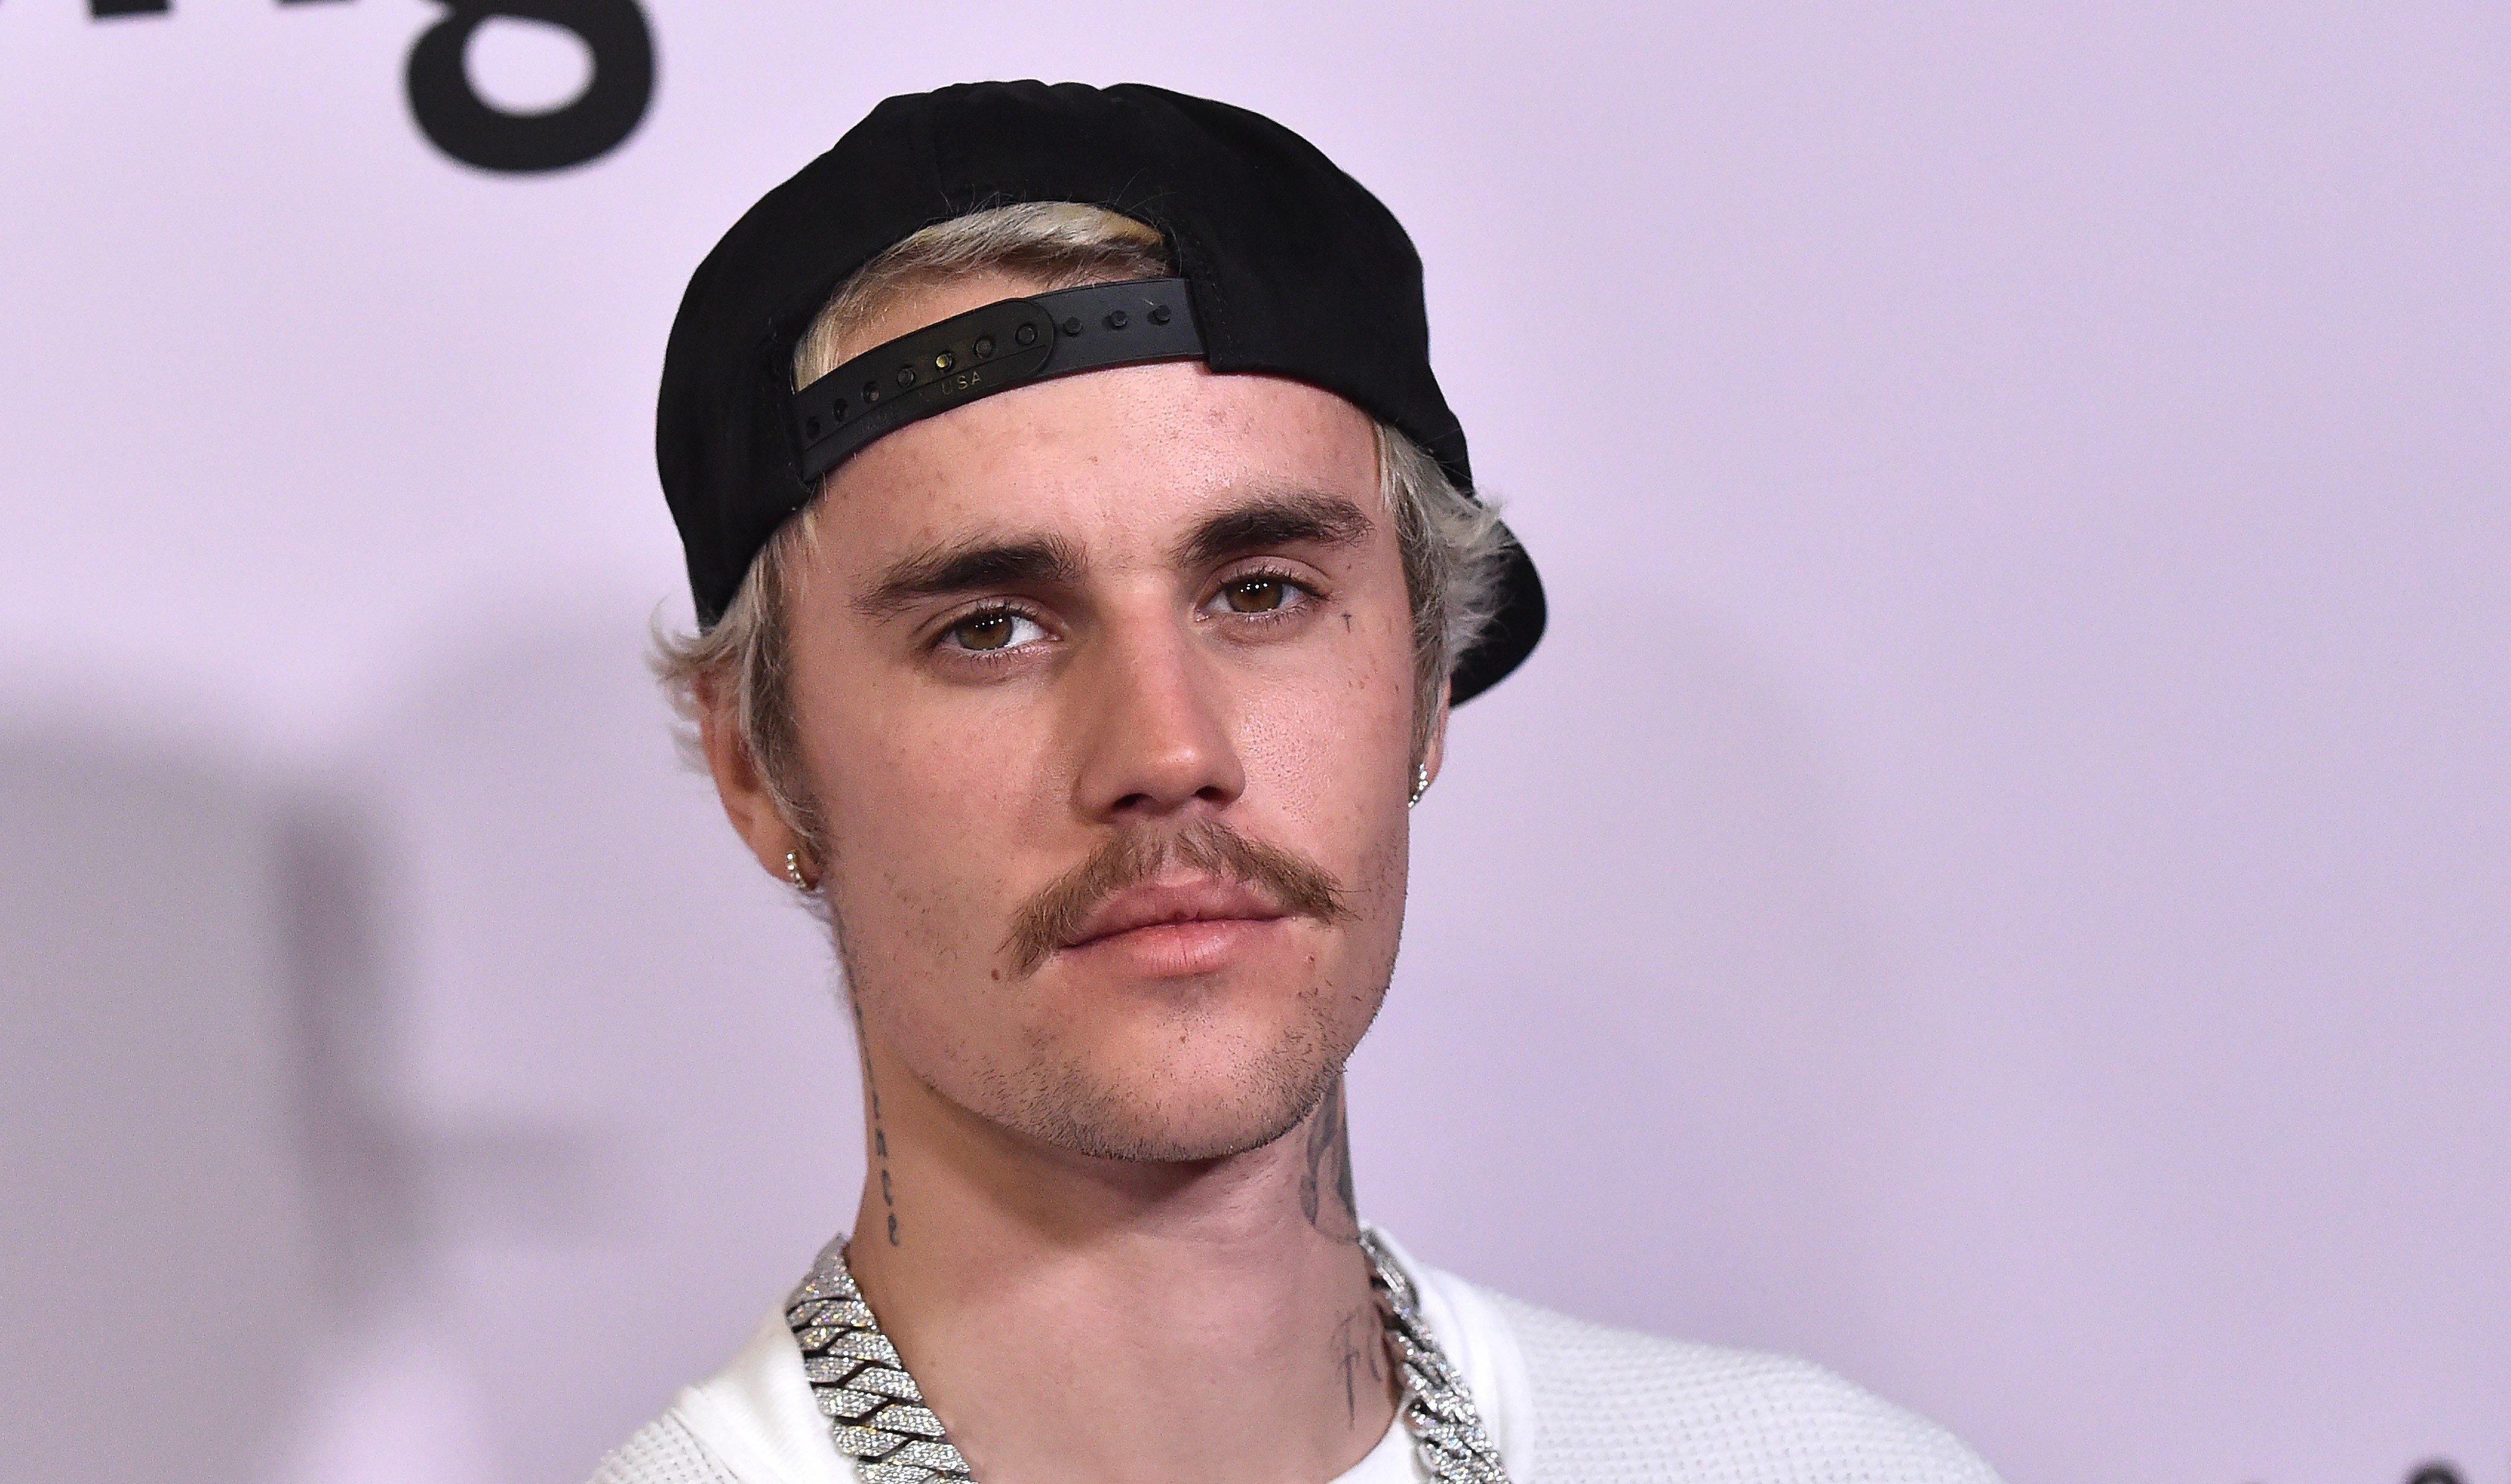 Justin Bieber diz que hoje entende a graça e não tenta